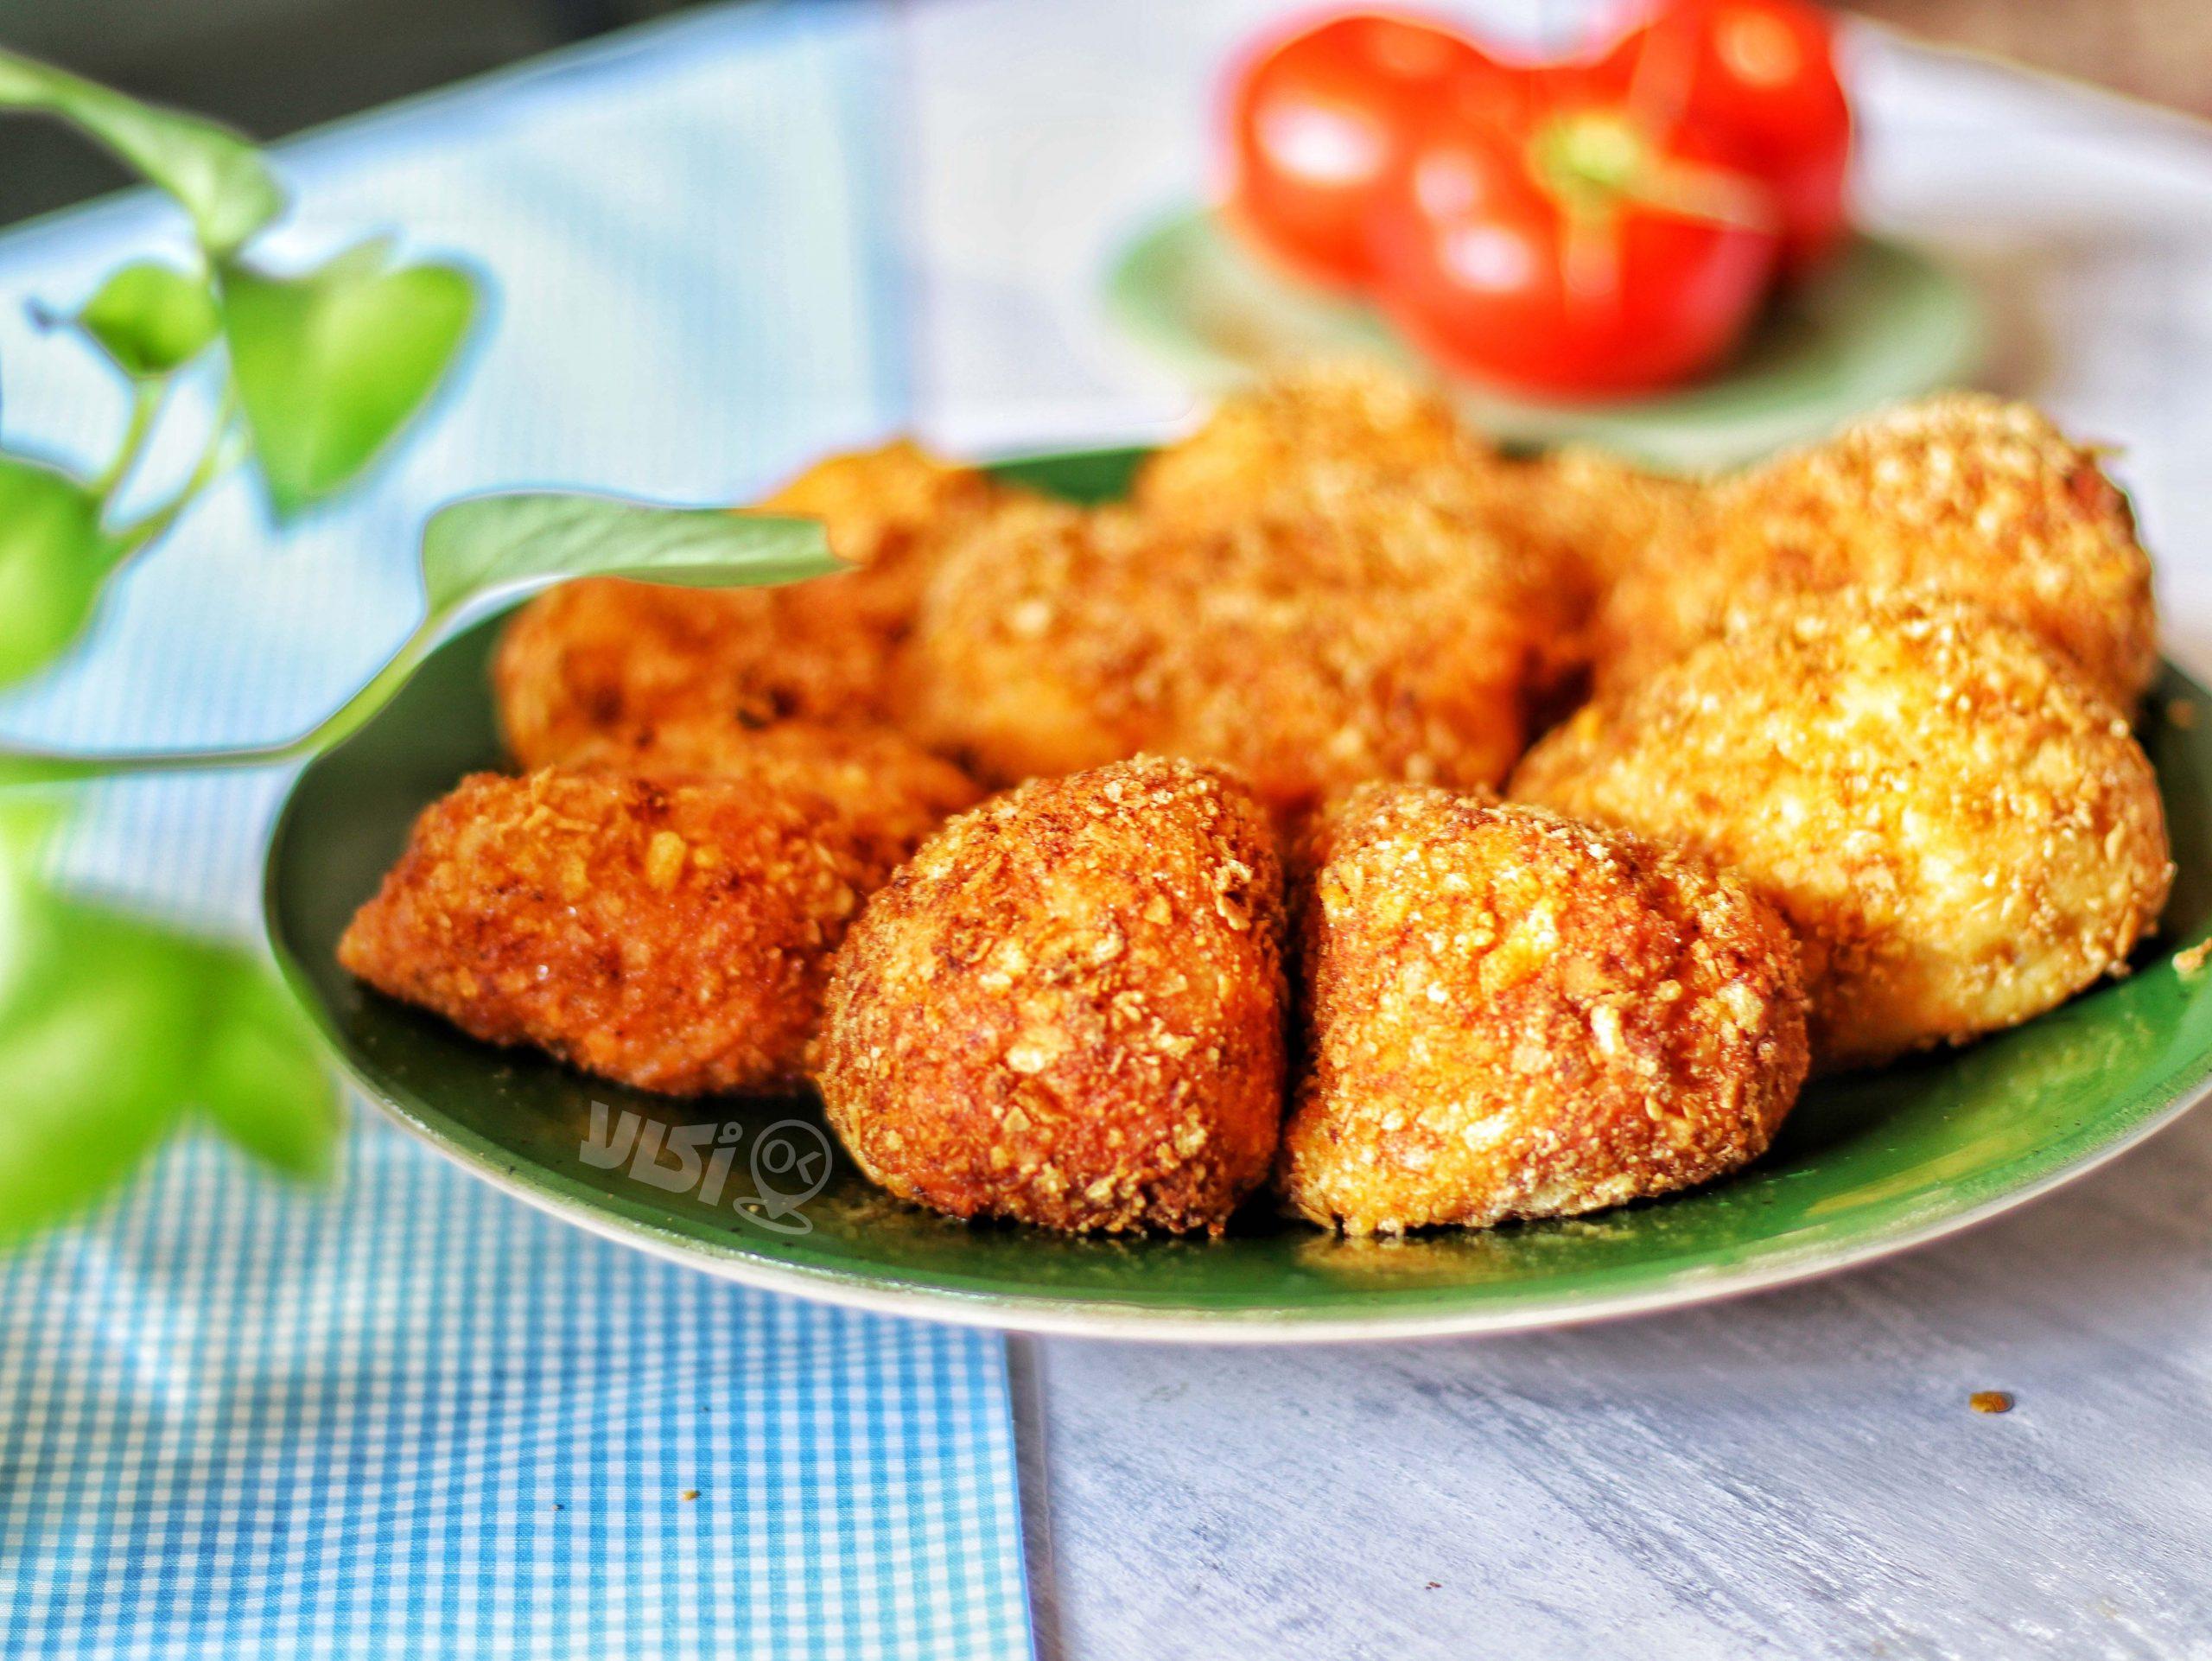 فینگرفود کوکو مرغ و سیب زمینی